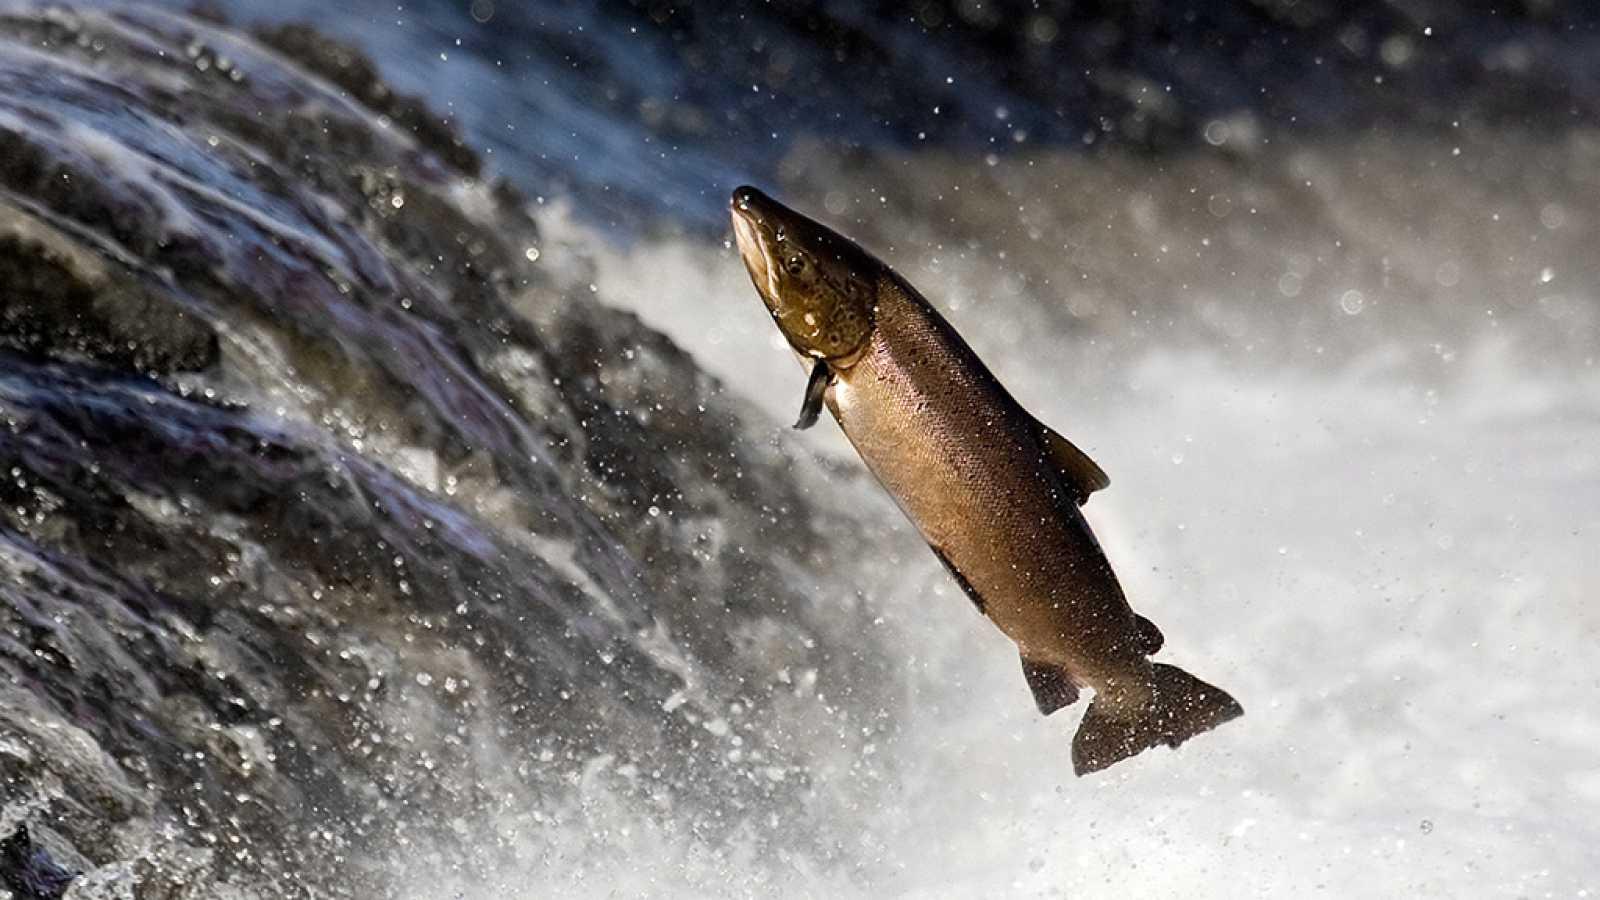 España Directo - Sella ya tiene su 'campanu' un salmón de 8 kilos